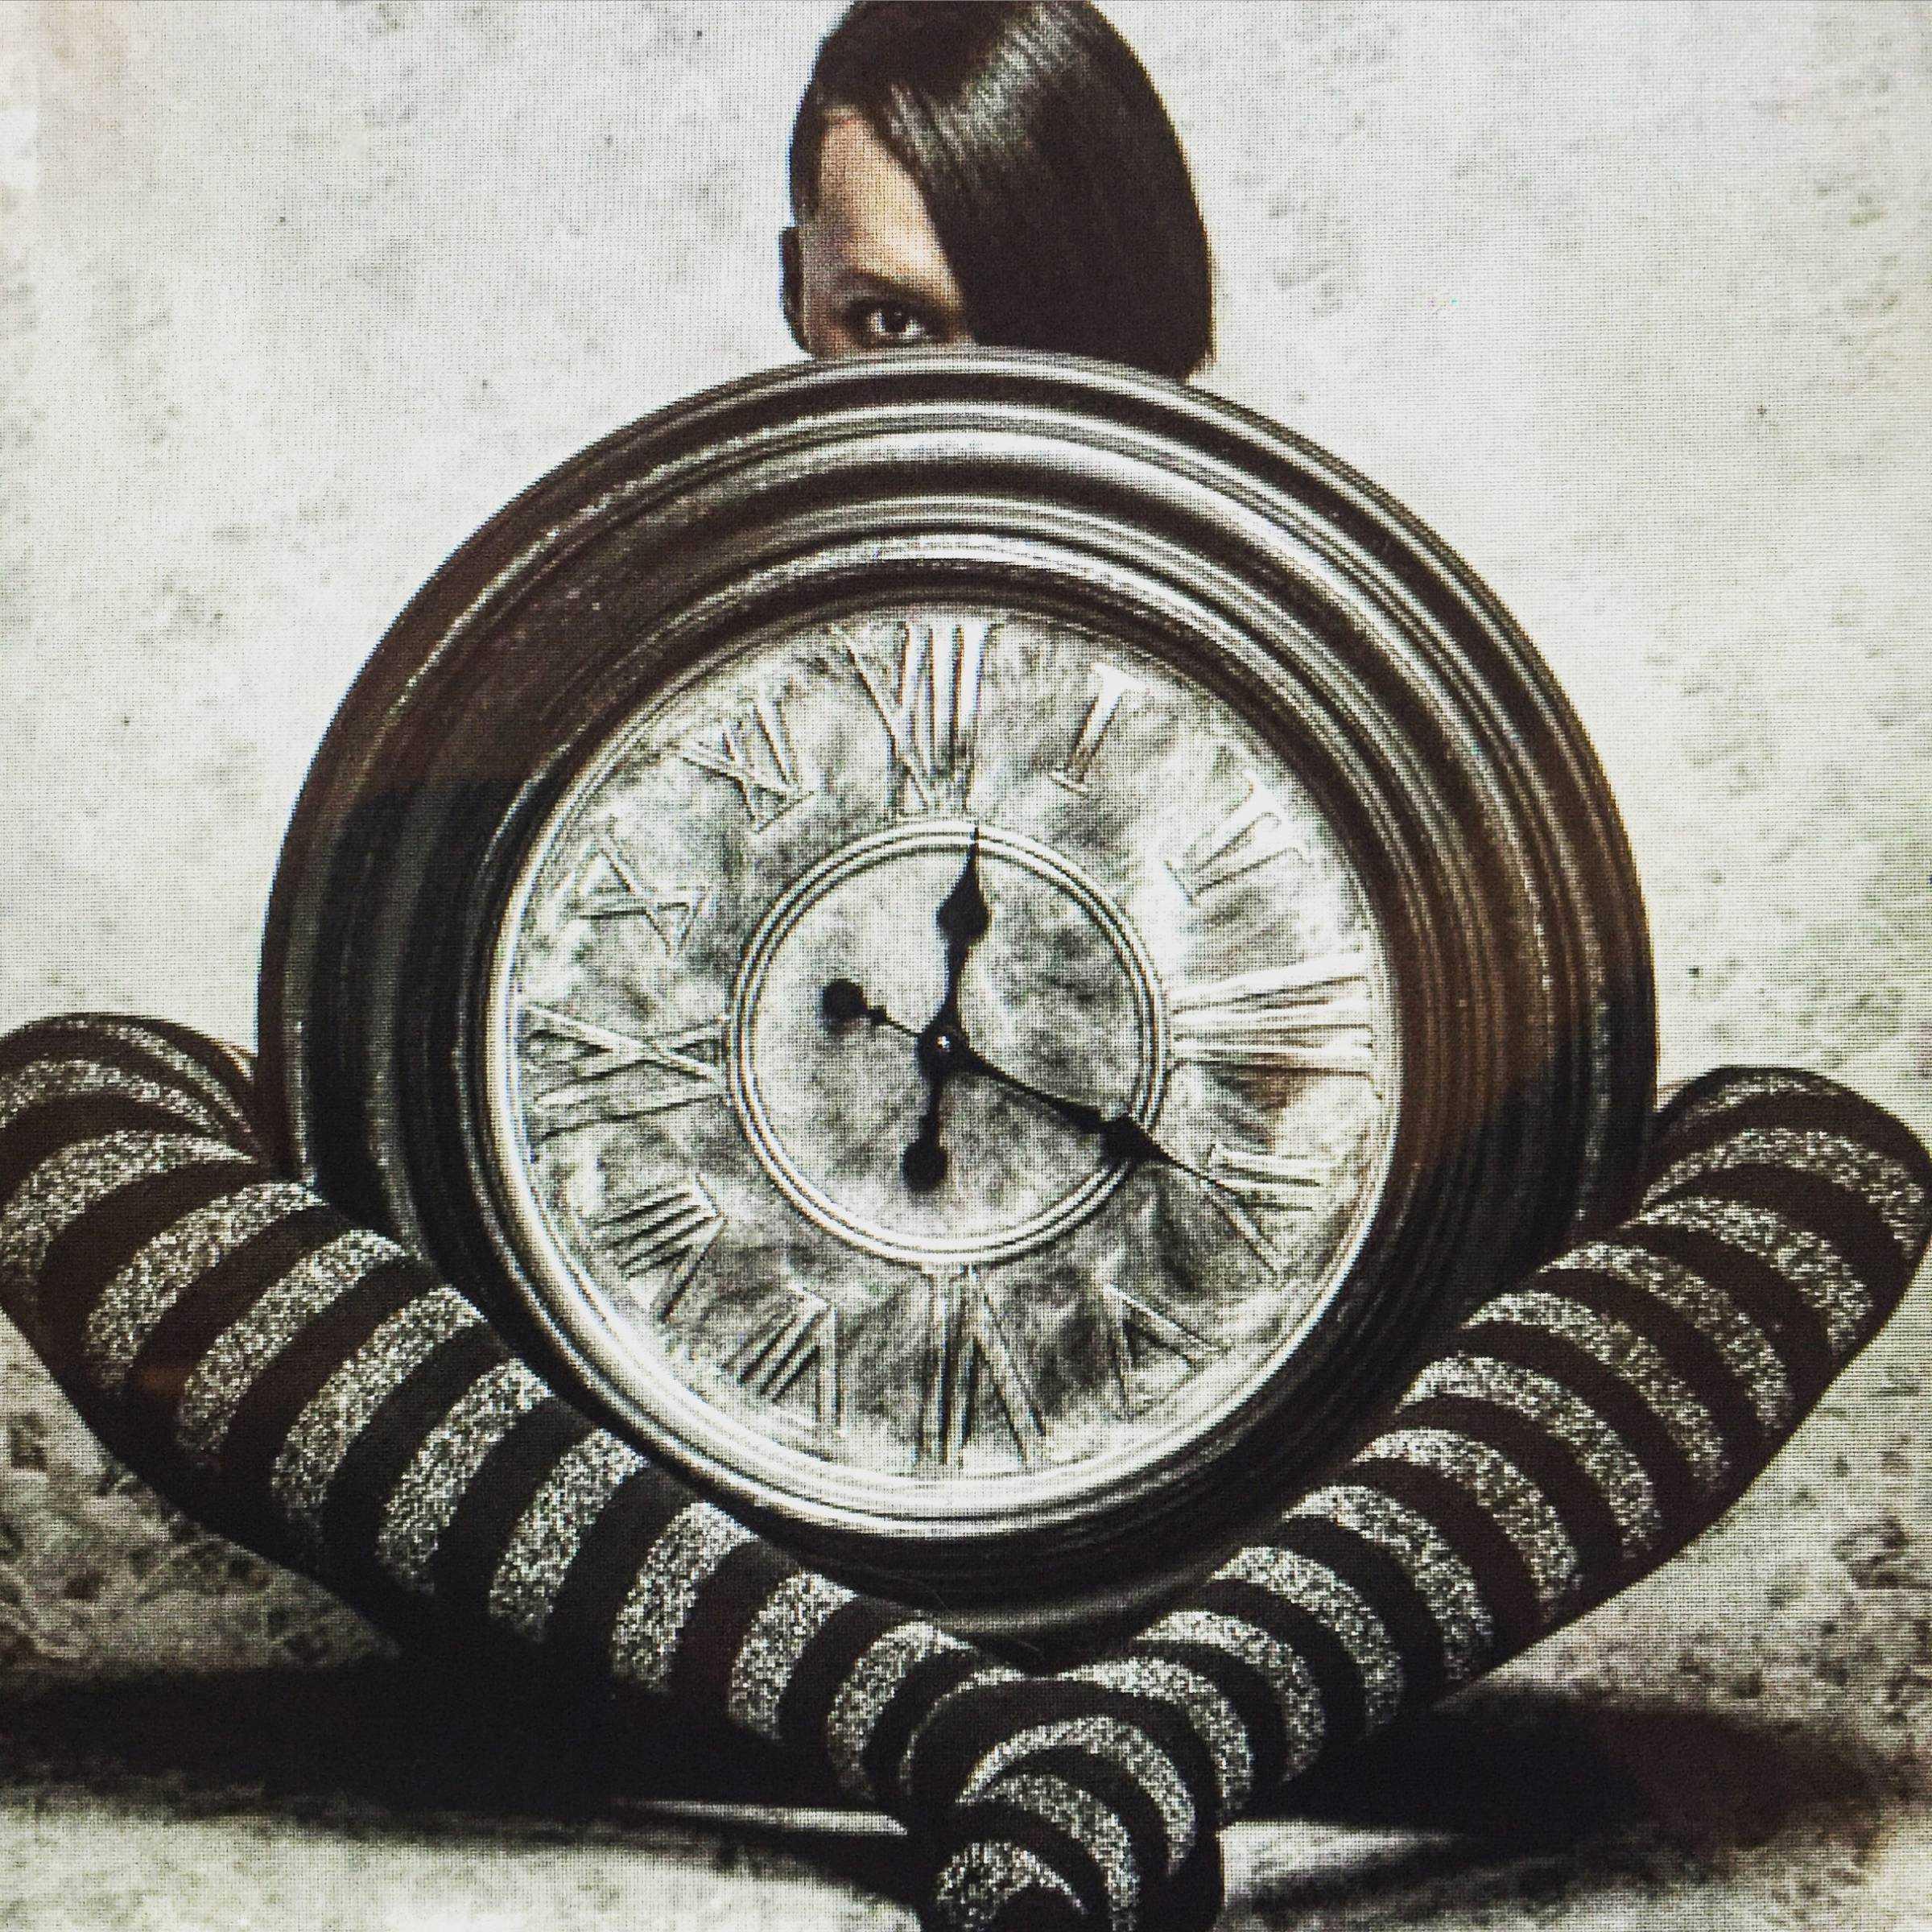 [Album Review] Origin of Times by Danjul